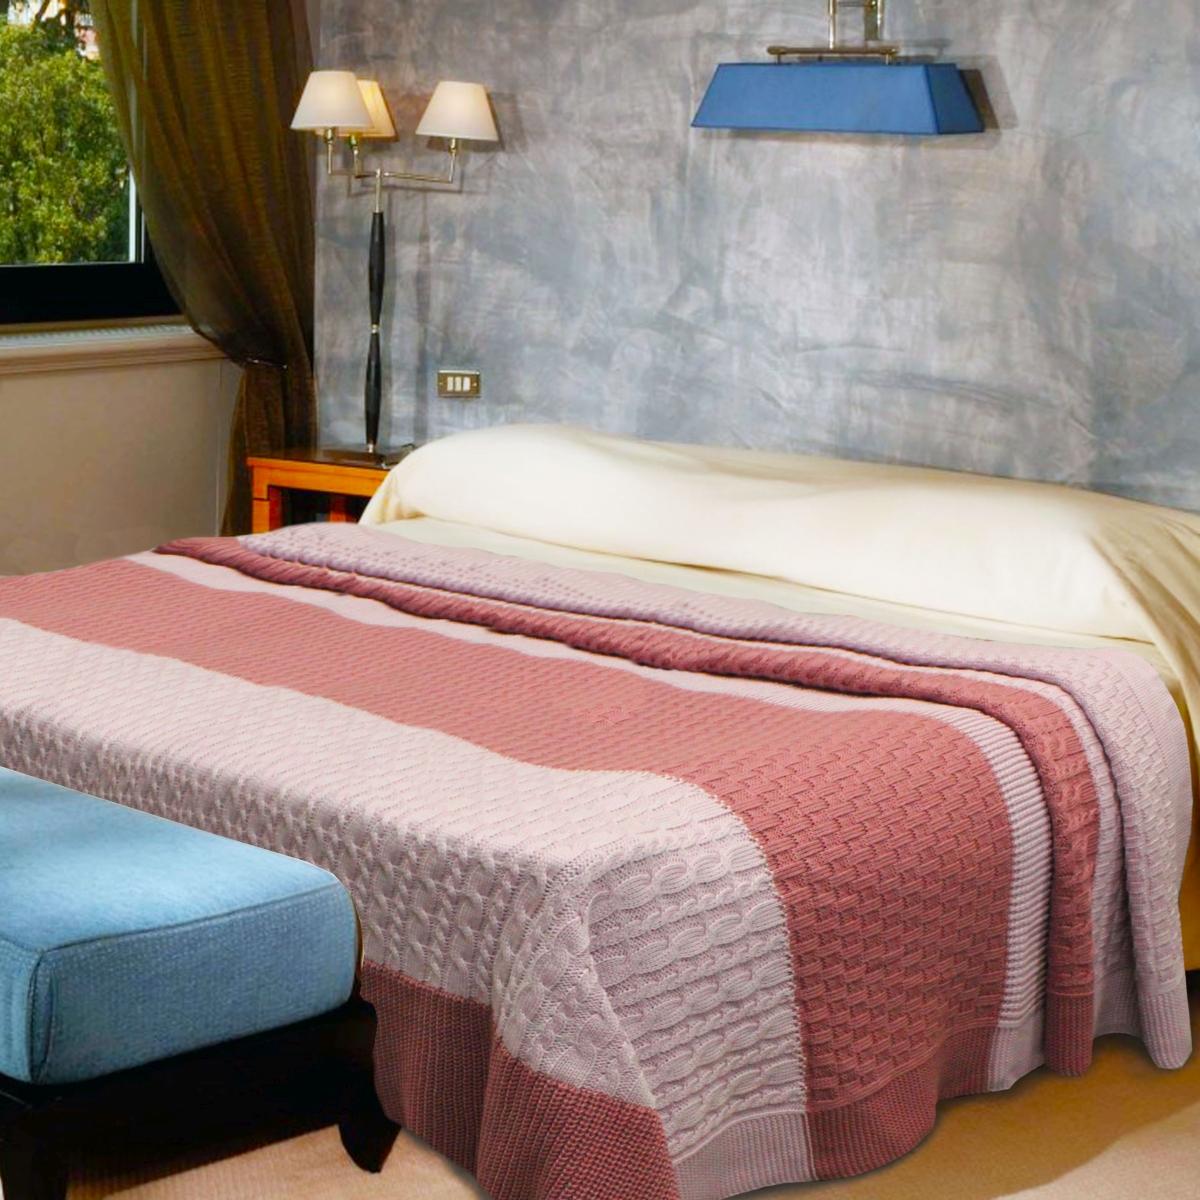 Плед Buenas Noches Cotton, цвет: розовый, бордовый, 180 х 210 смES-412Вязаный плед Buenas Noches Cotton - это идеальное решение для вашего интерьера! Плед выполнен из хлопка и акрила.Благодаря беспрецедентной стойкости и ровности красок, изделие не выгорает на солнце и остается первозданно ярким в течение продолжительного времени. Плед теплый, нежный, подкупающий не только высокими потребительскими характеристиками, но и уникальным, оригинальным внешним видом.Плед - это такой подарок, который будет всегда актуален, особенно для ваших родных и близких, ведь вы дарите им частичку своего тепла!Продукция торговой марки Buenas Noches сделана с особой заботой, специально для вас и уюта в вашем доме!